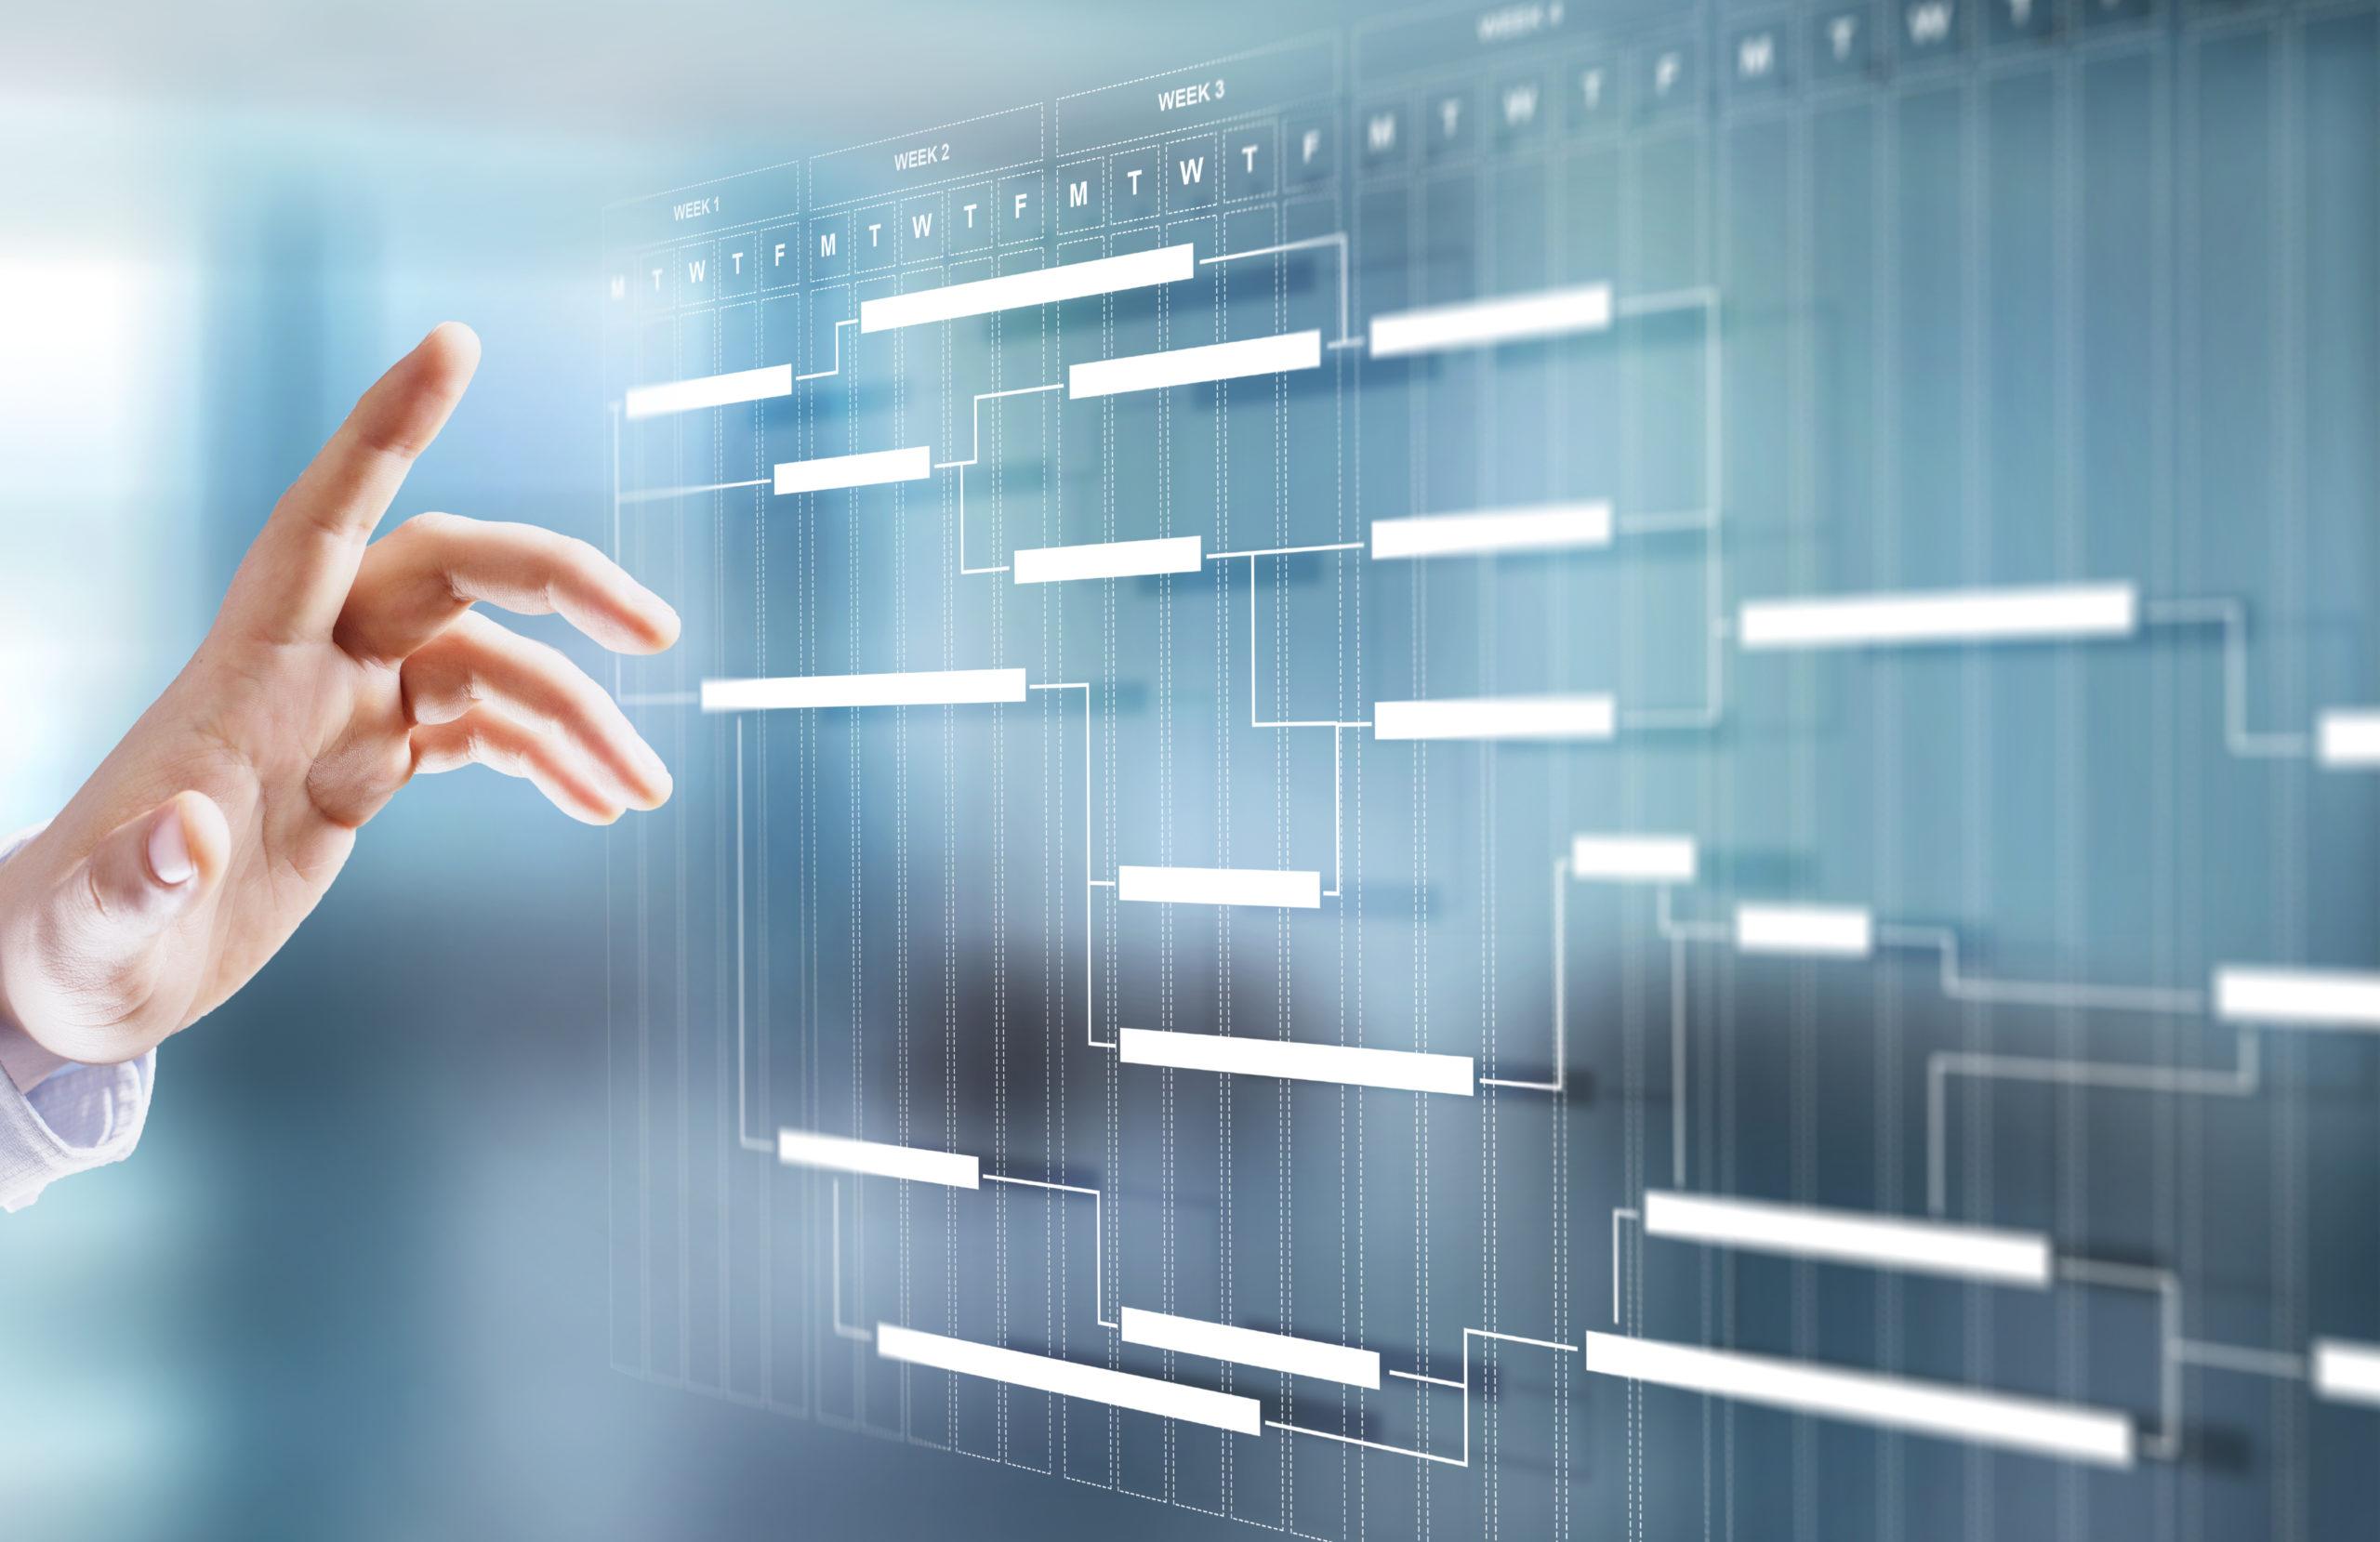 Project management schedule plan diagram business process optimisation concept.